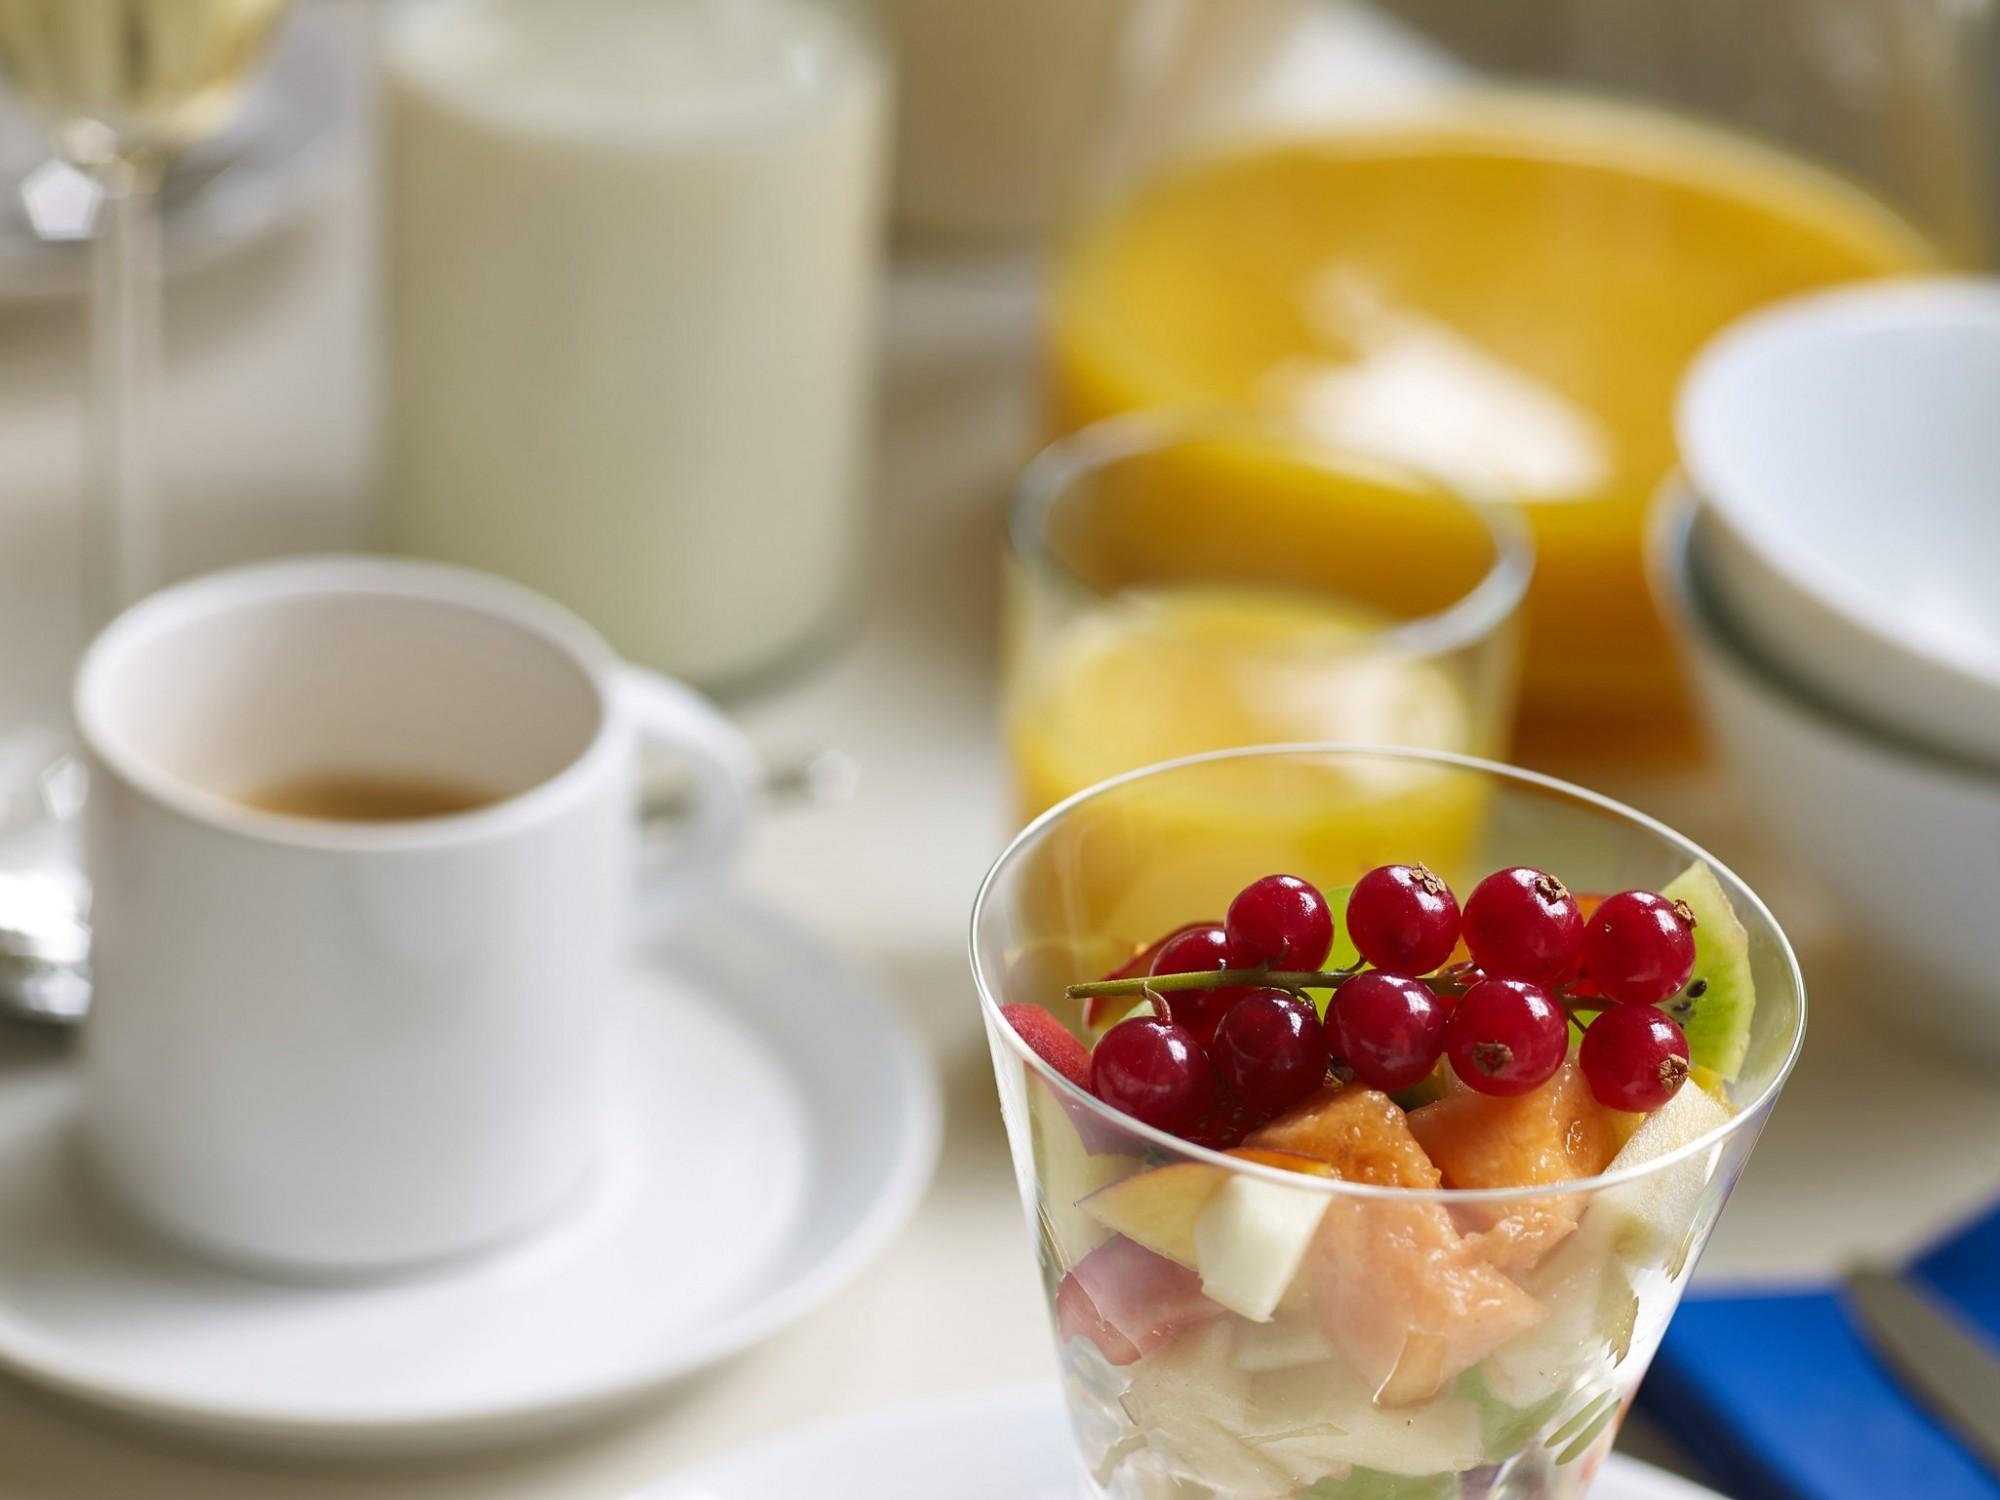 Afbeelding: Morgend ontbijt in vakantiewoning Petit Chateau Beekborne, food sfeer fotografie.